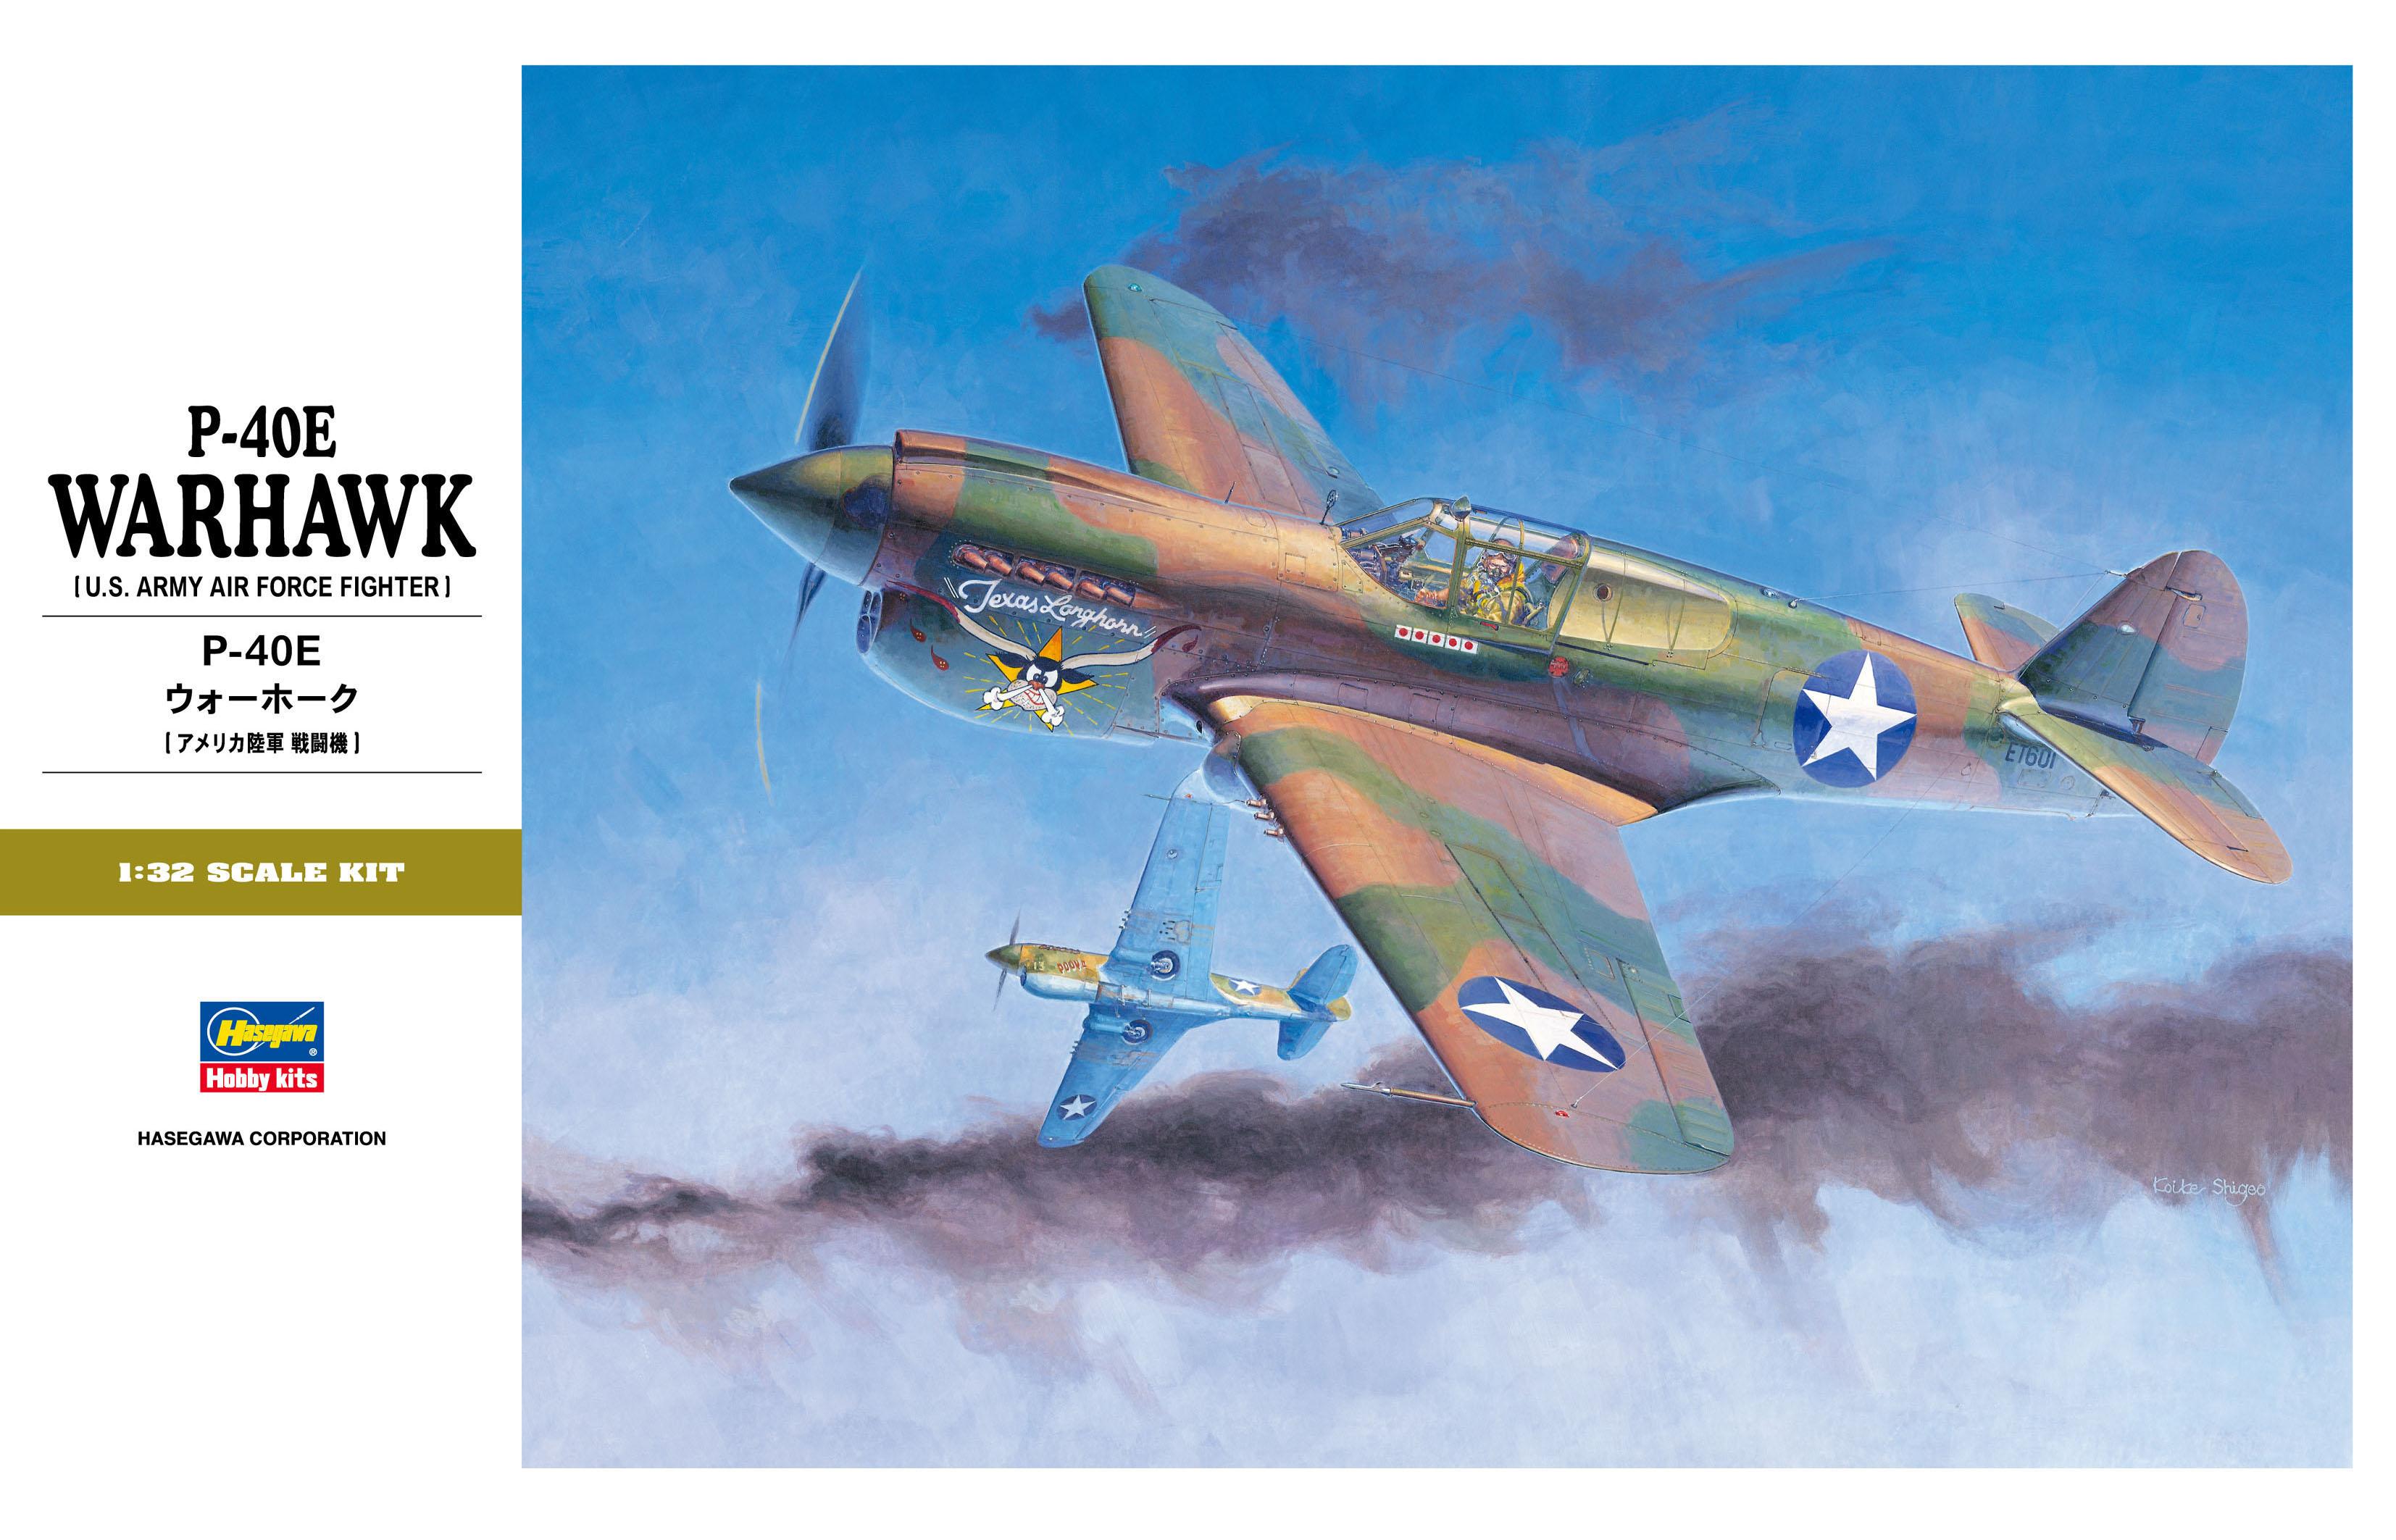 Hasegawa P-40E Warhawk